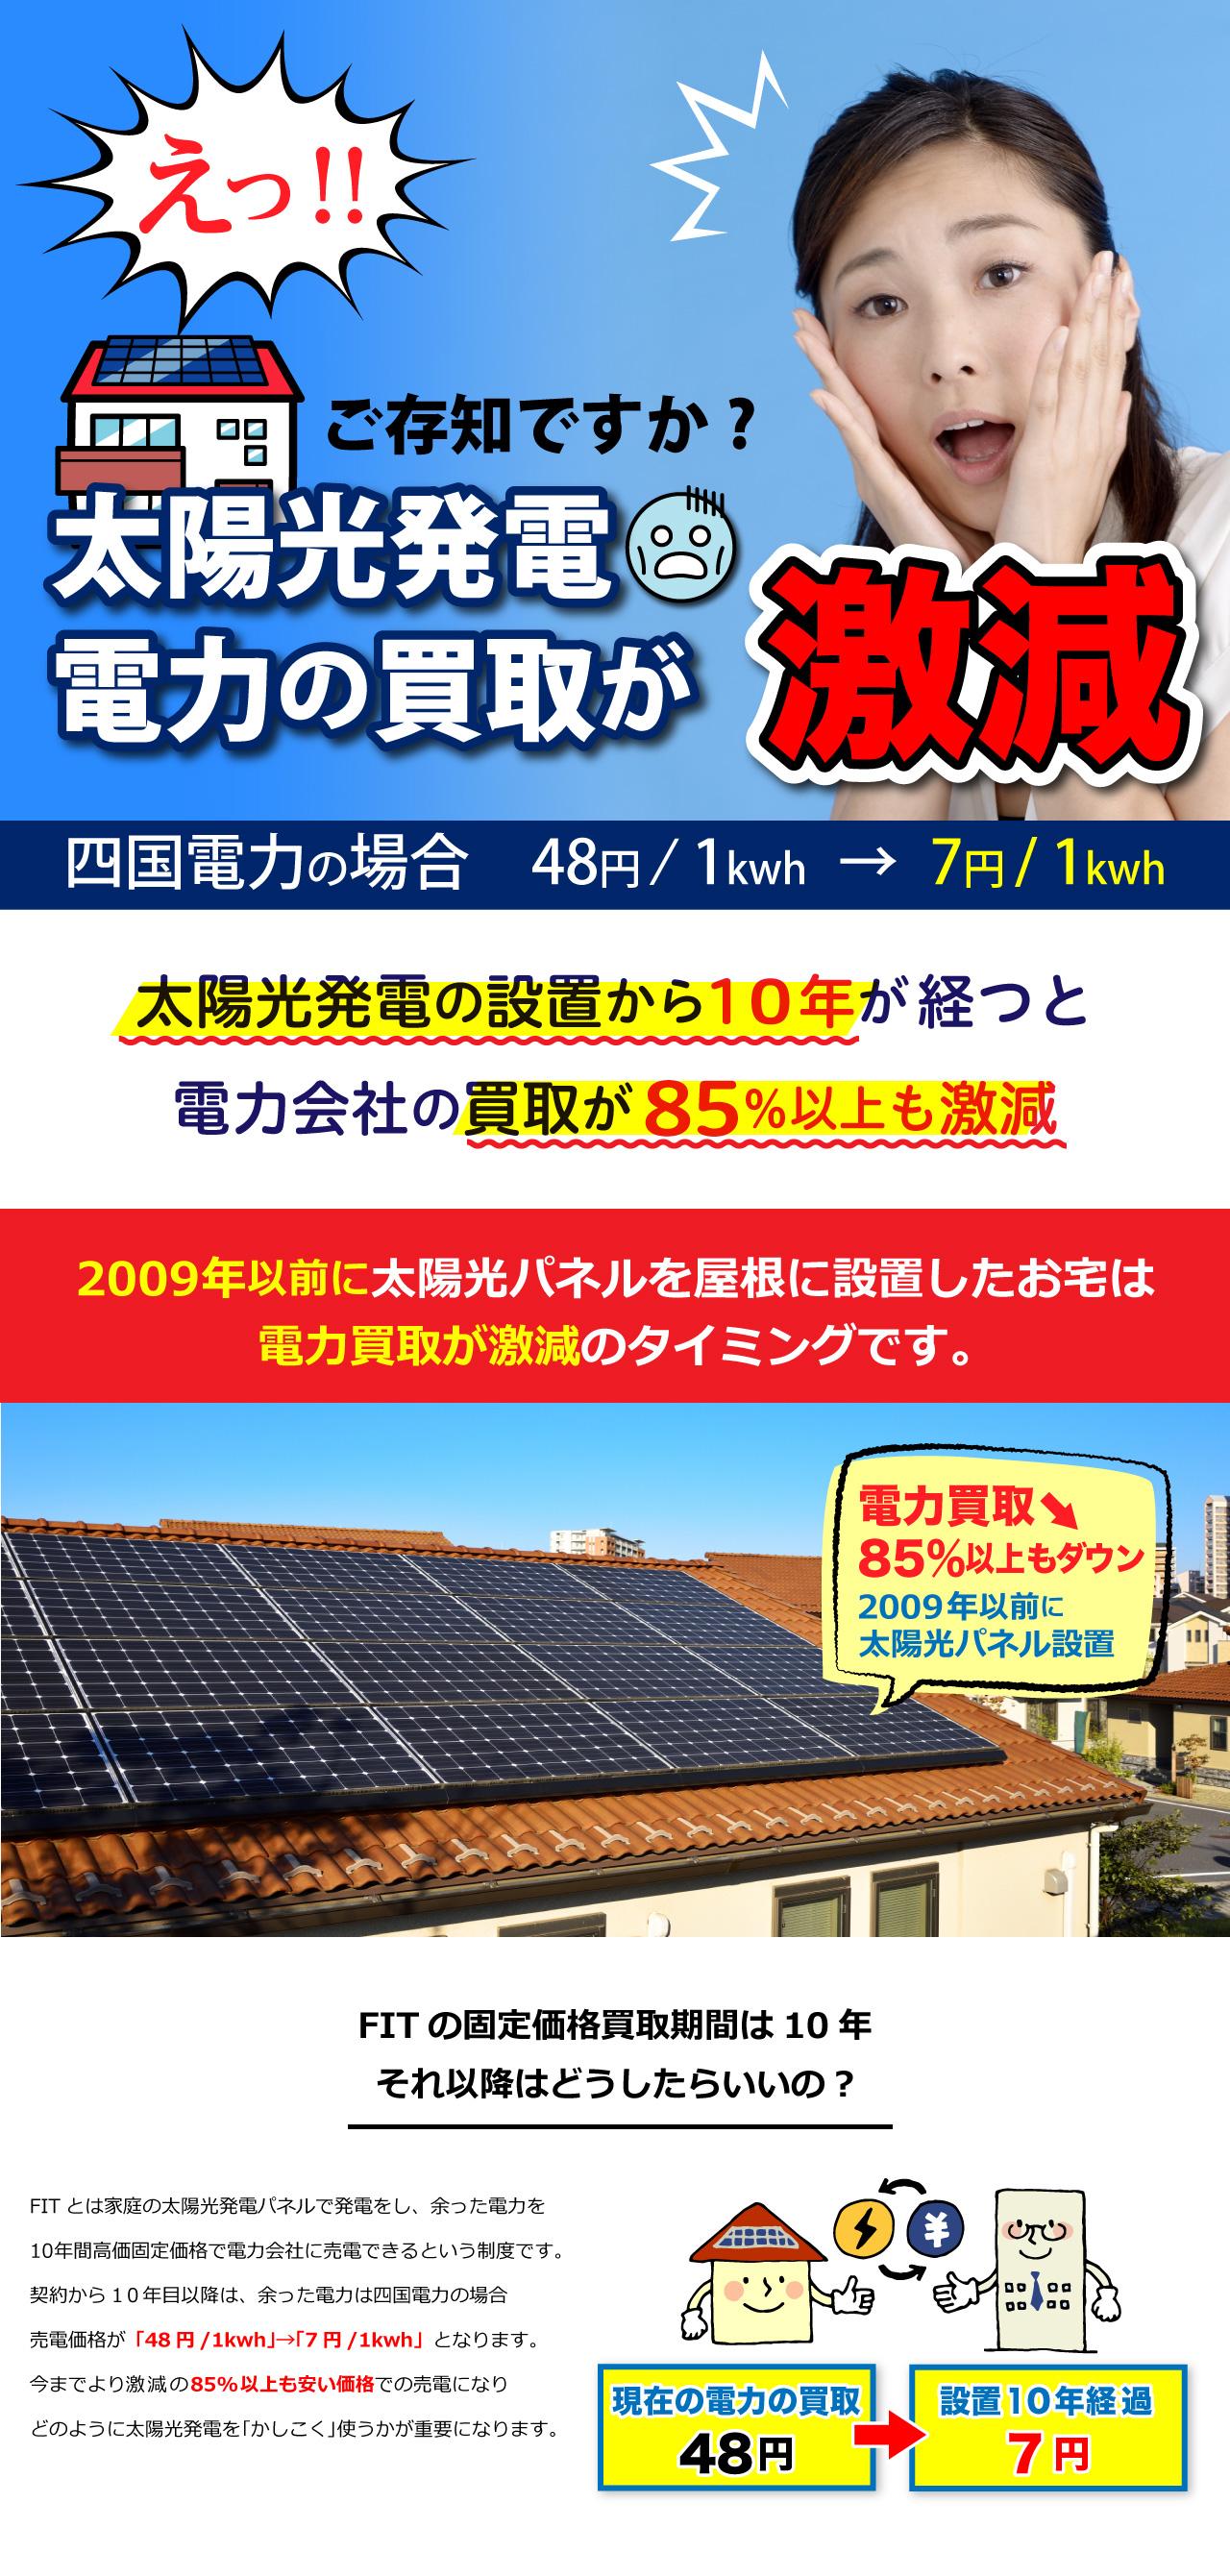 太陽光発電の電力買い取り激減